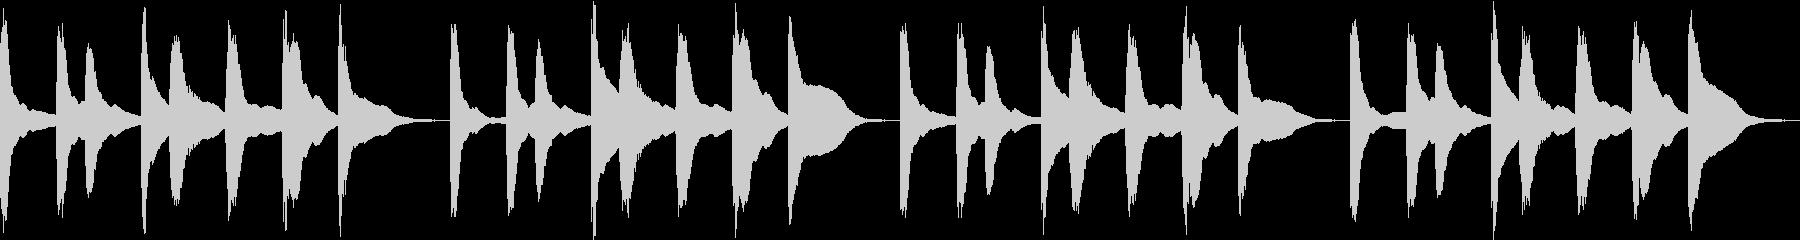 シンプル ベル 着信音 チャイム C15の未再生の波形